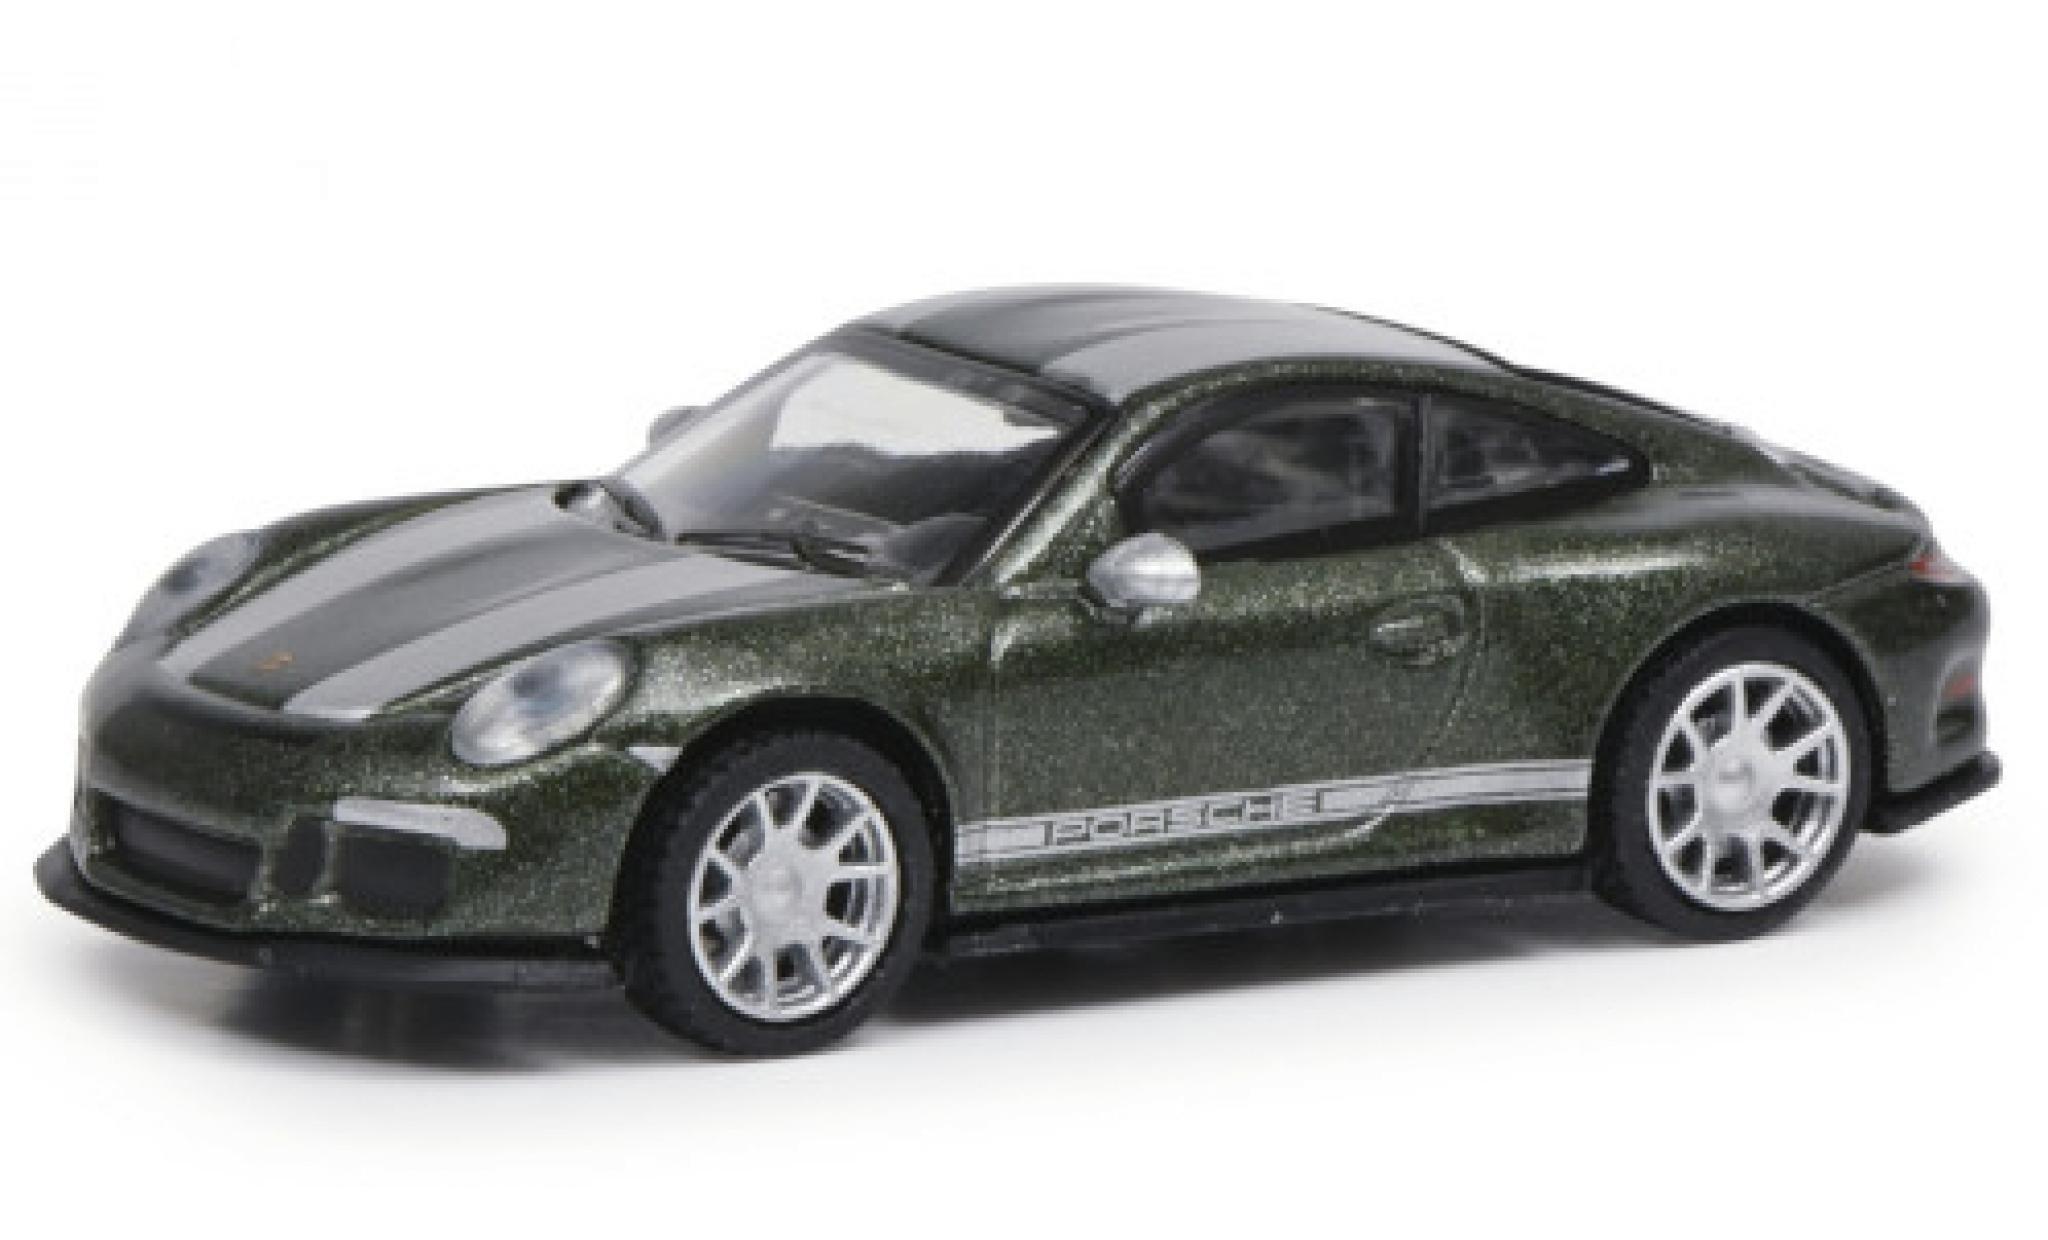 Porsche 991 R 1/87 Schuco 911  metallise green/grey